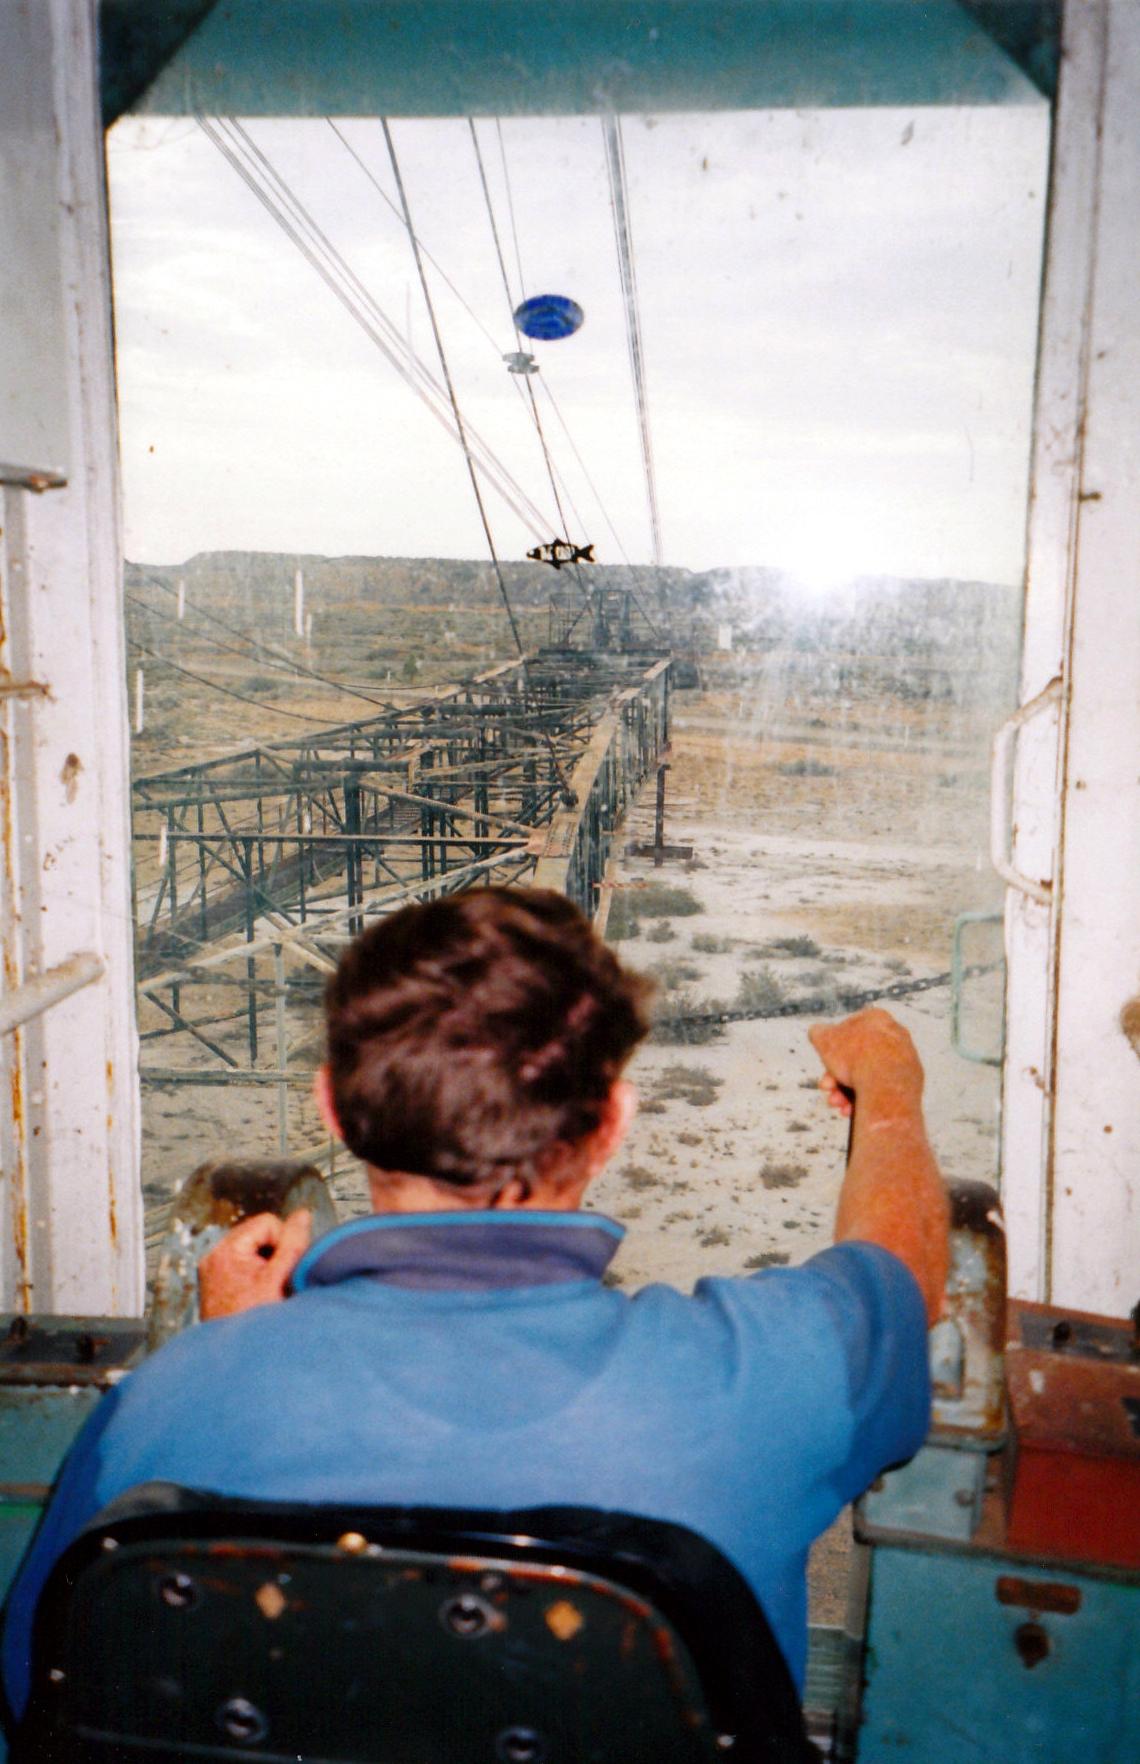 05-20-1999 03 drivers eye view